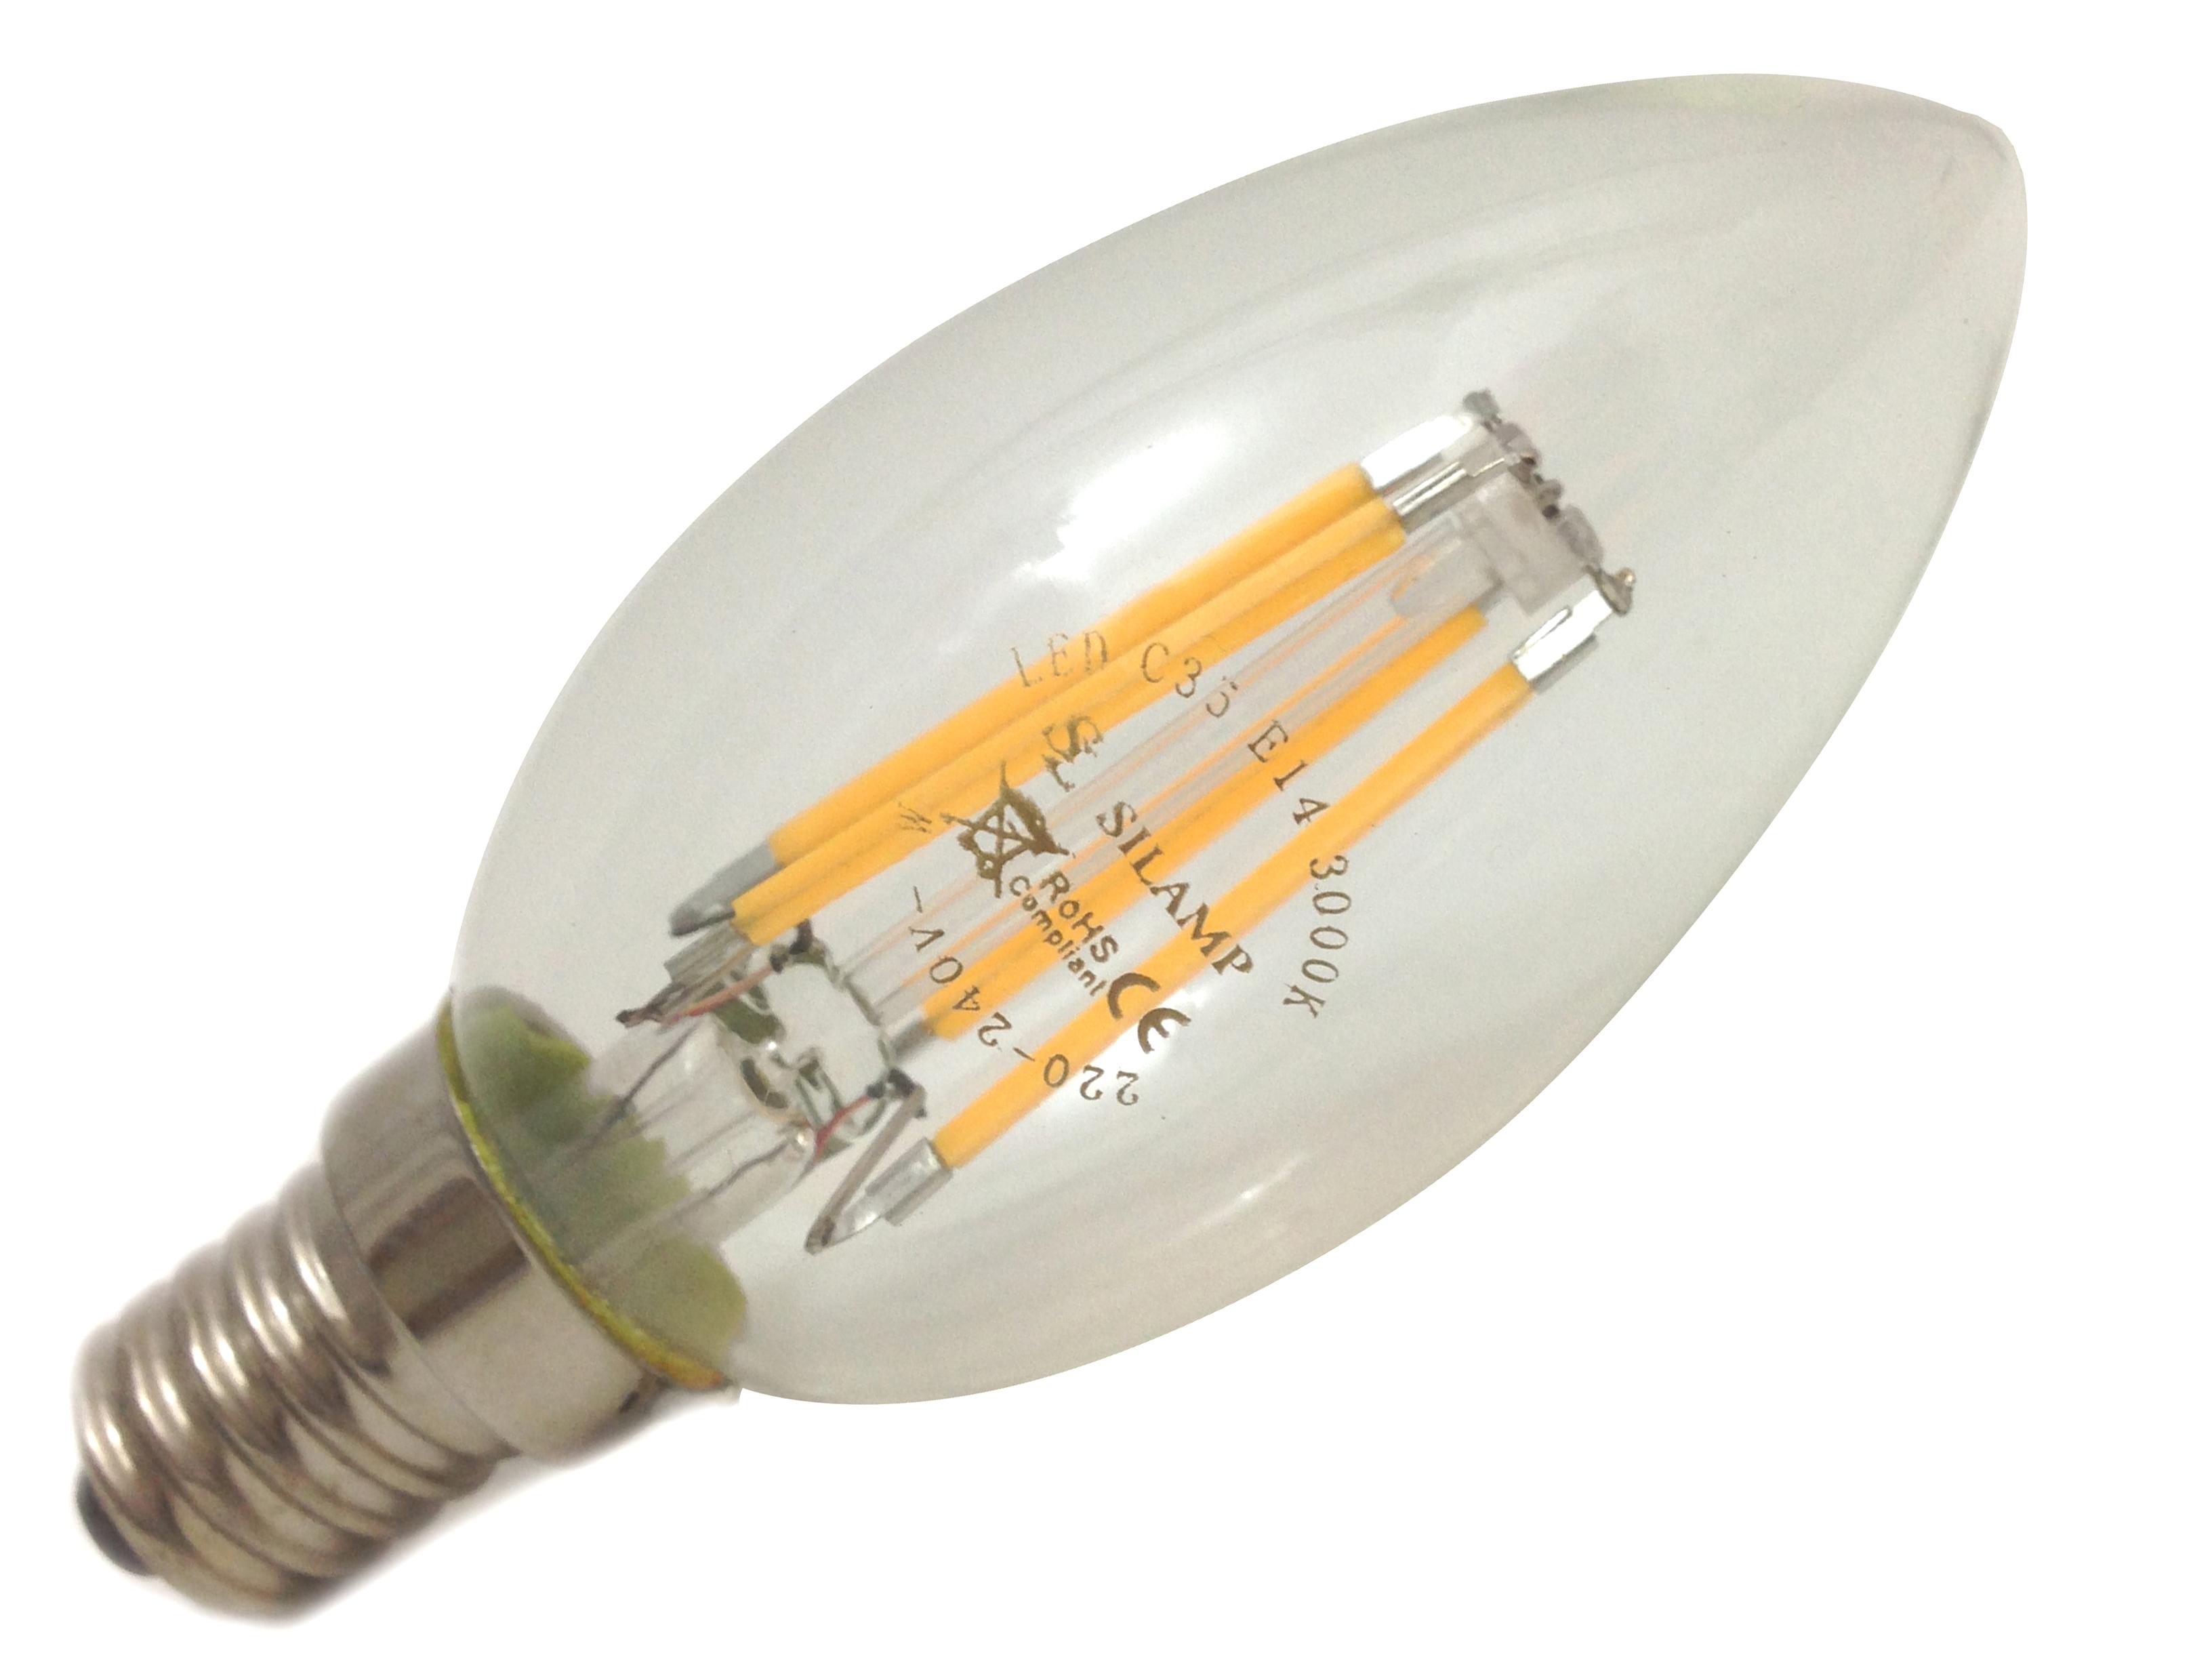 migliore lampadina led : ... SILAMP - - Lampadine LED e14 4w Lampadine Led bulb 4W Edison Led